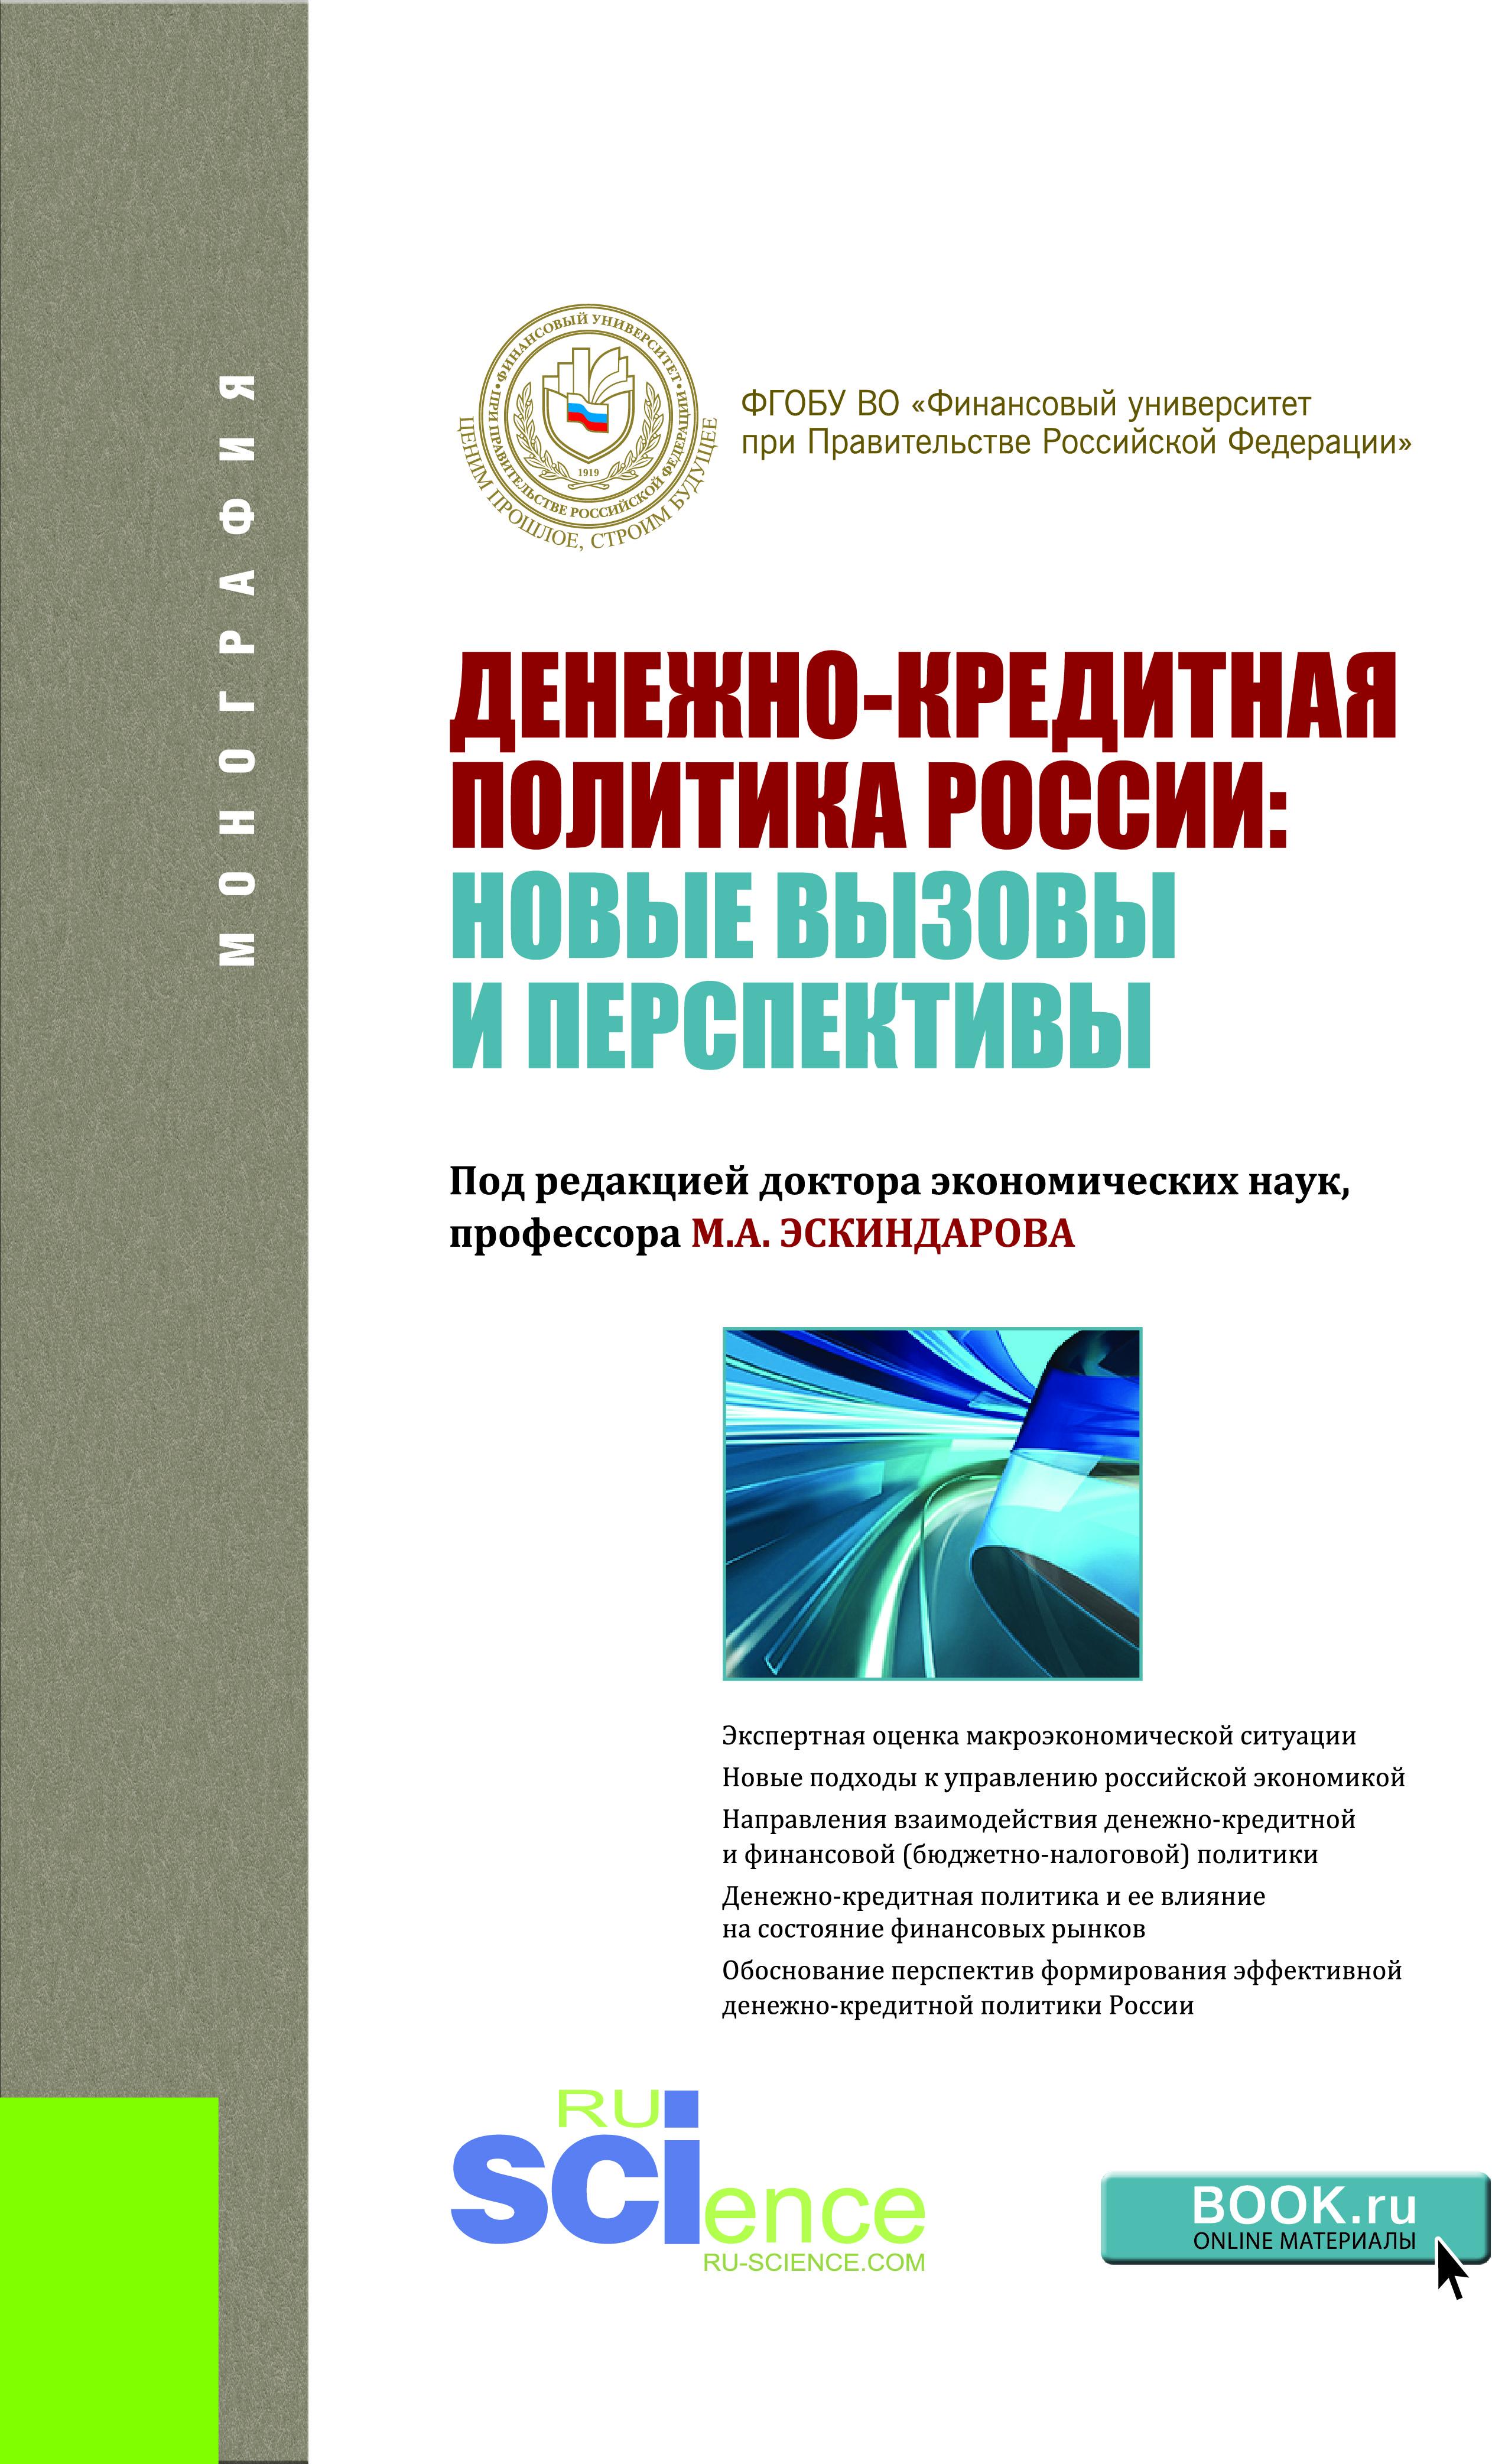 Денежно-кредитная политика России: новые вызовы и перспективы. Монография